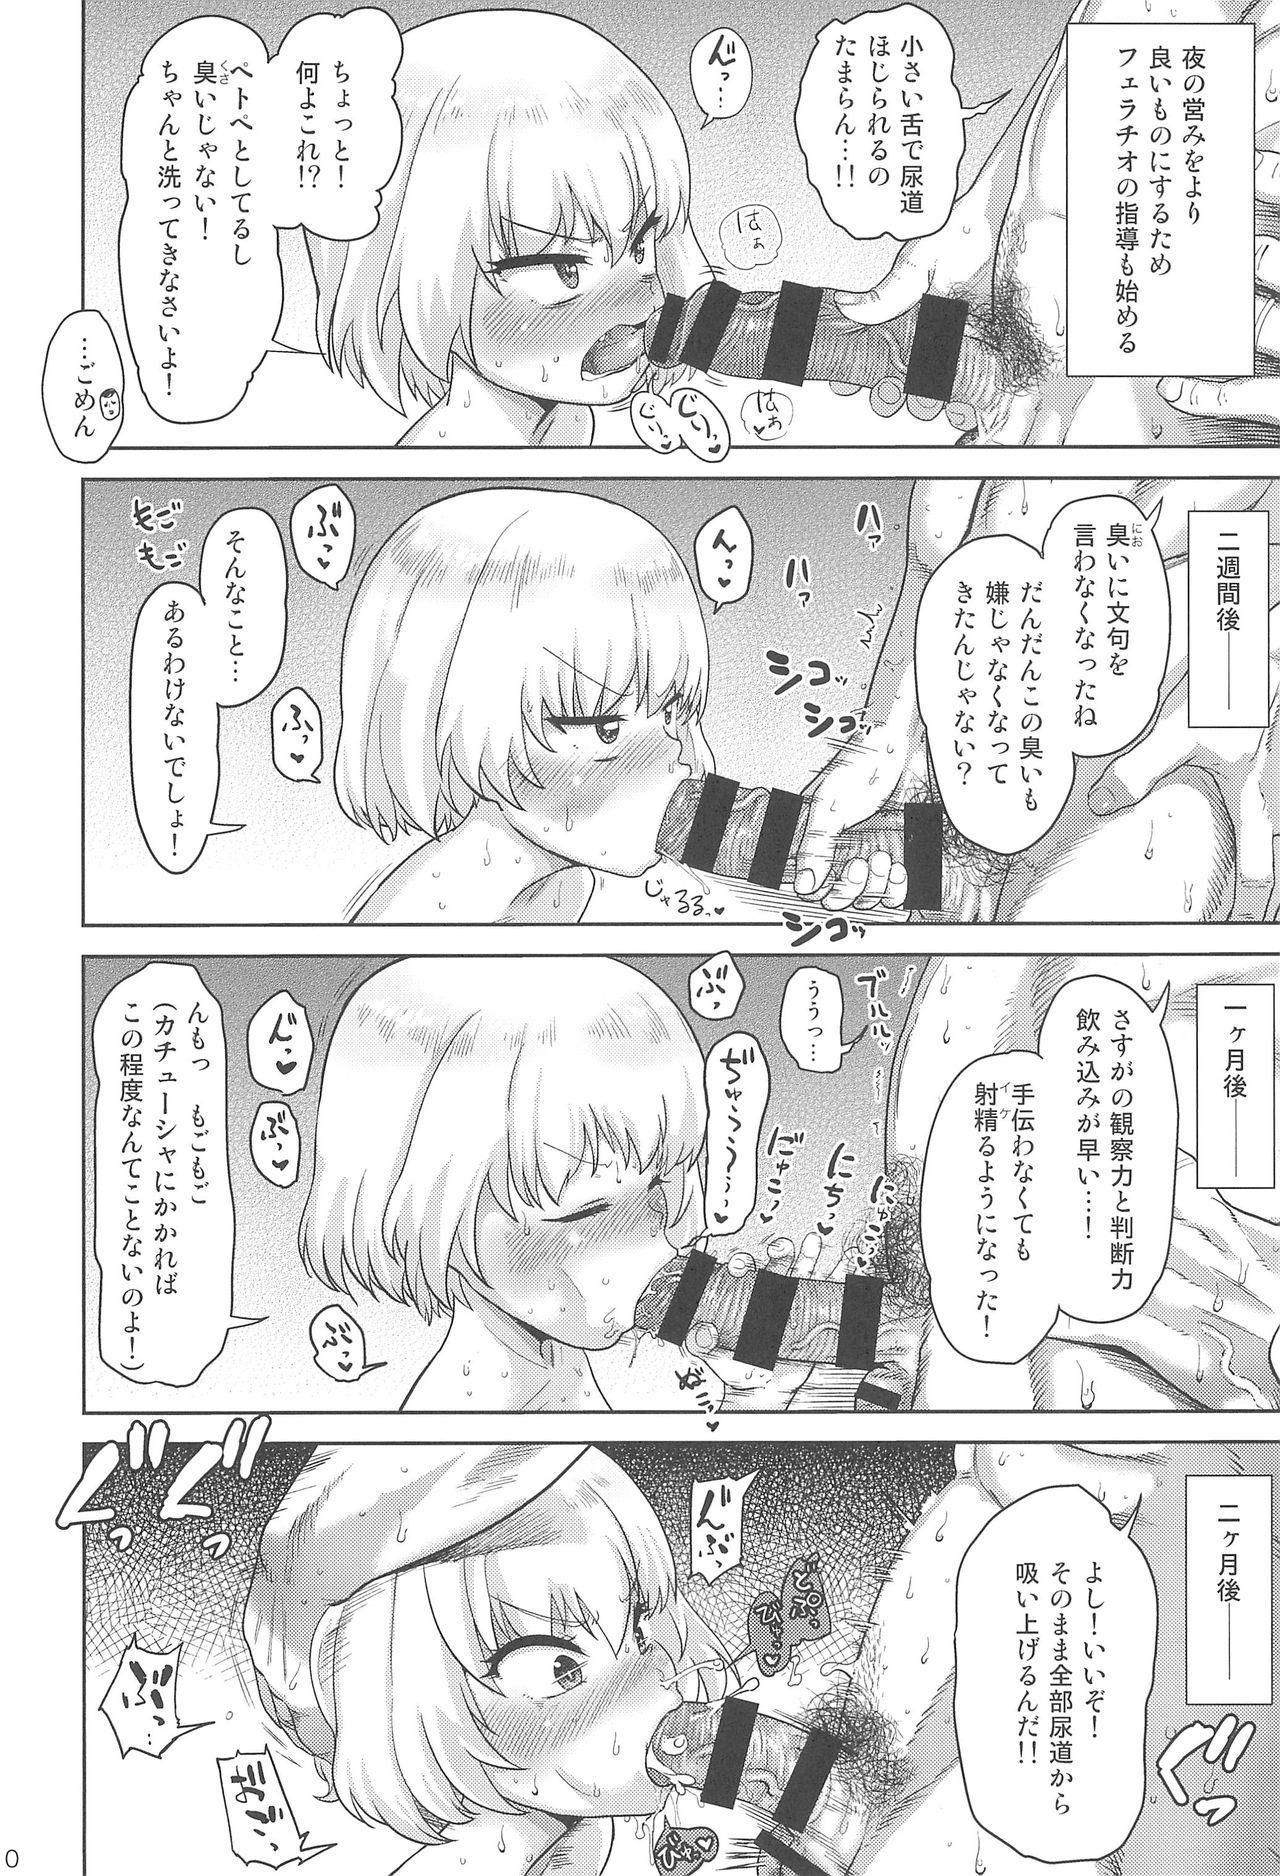 Shinkon no Katyusha 9